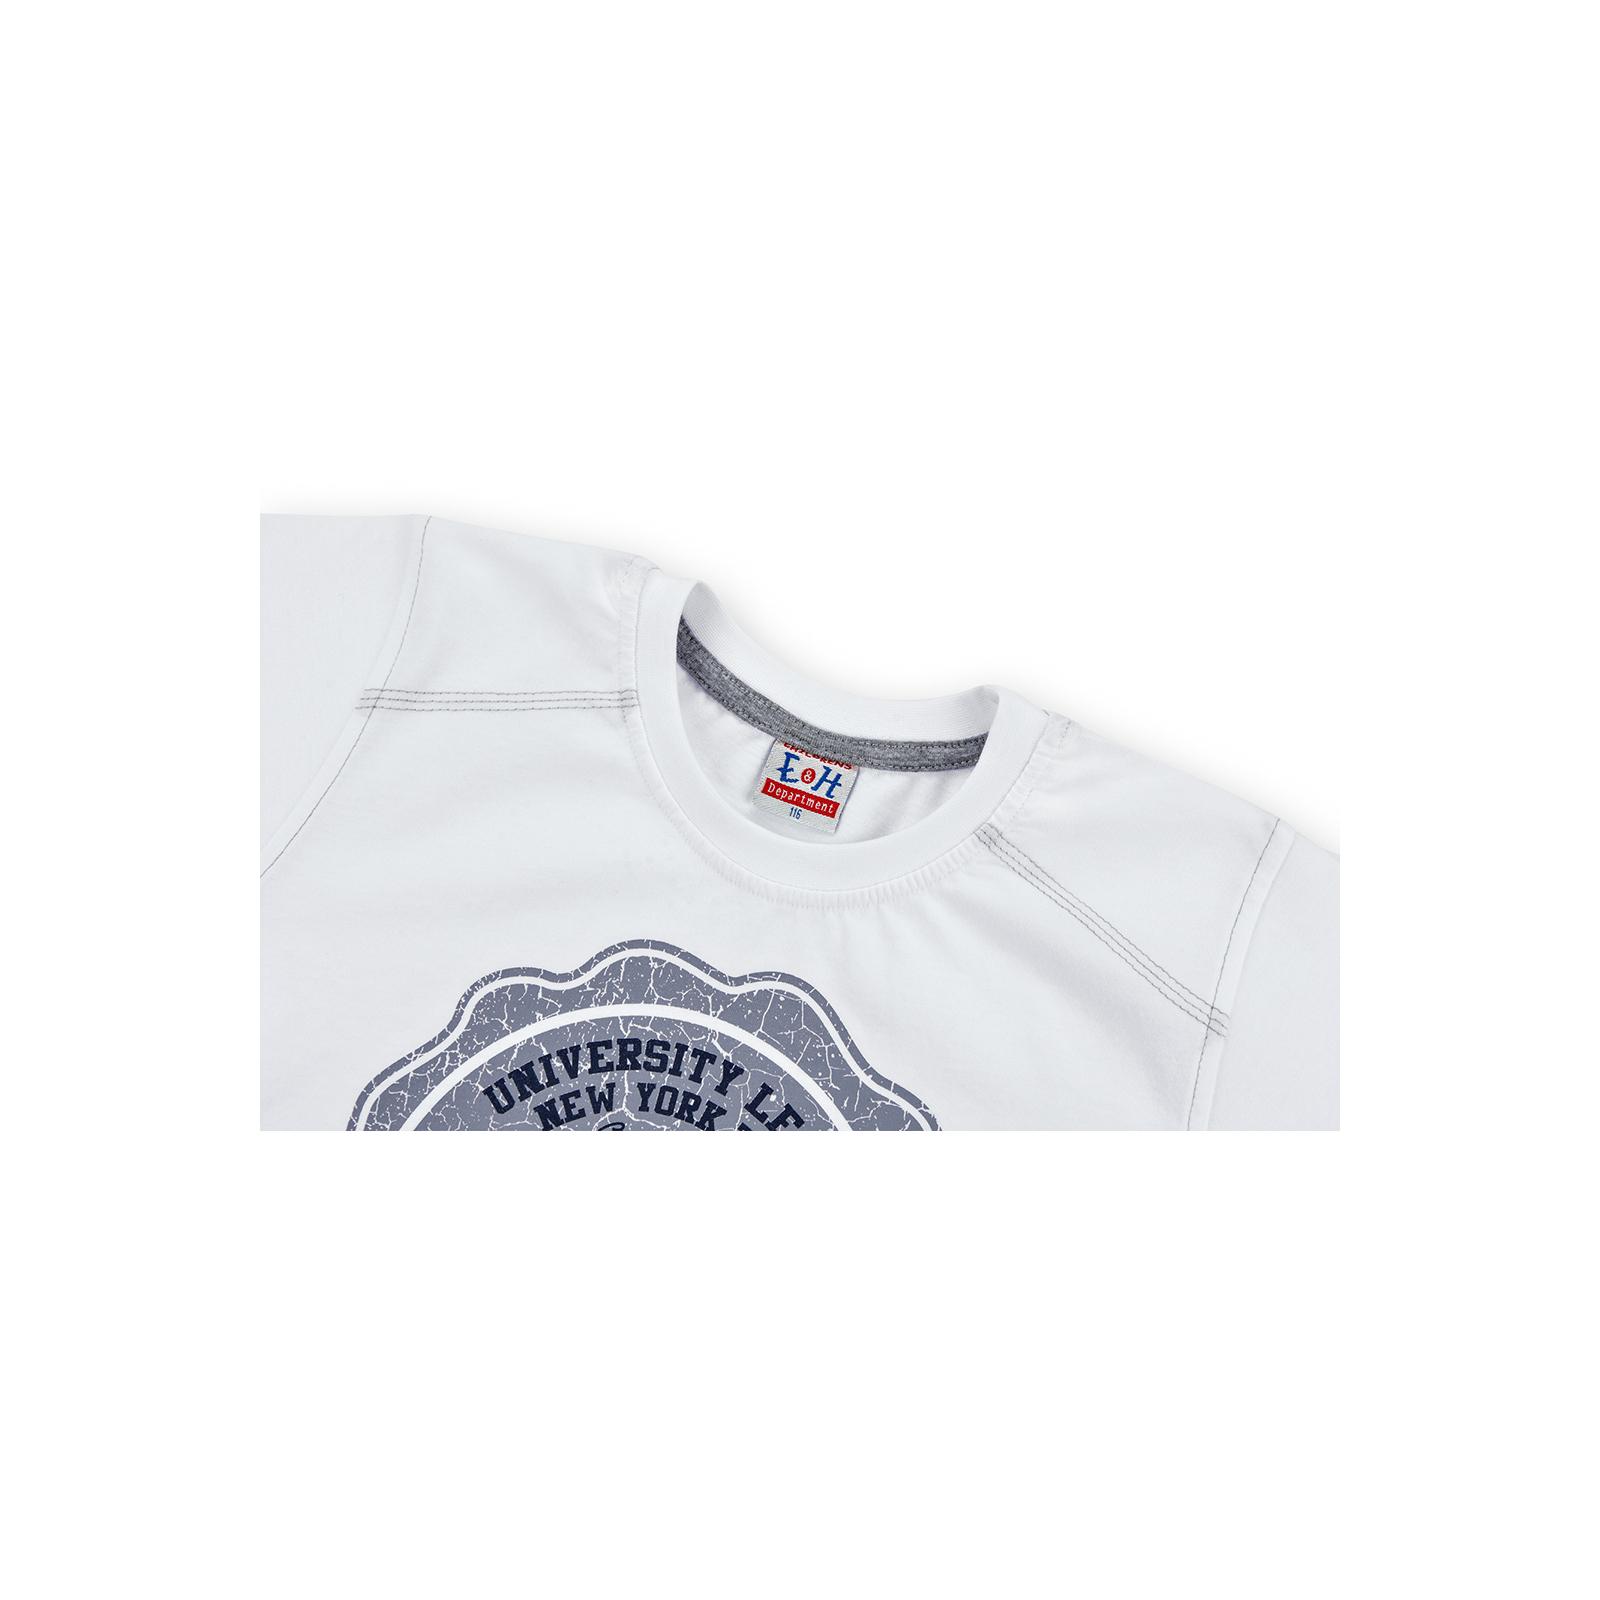 """Футболка детская E&H """"College"""" (4678-140B-white) изображение 2"""